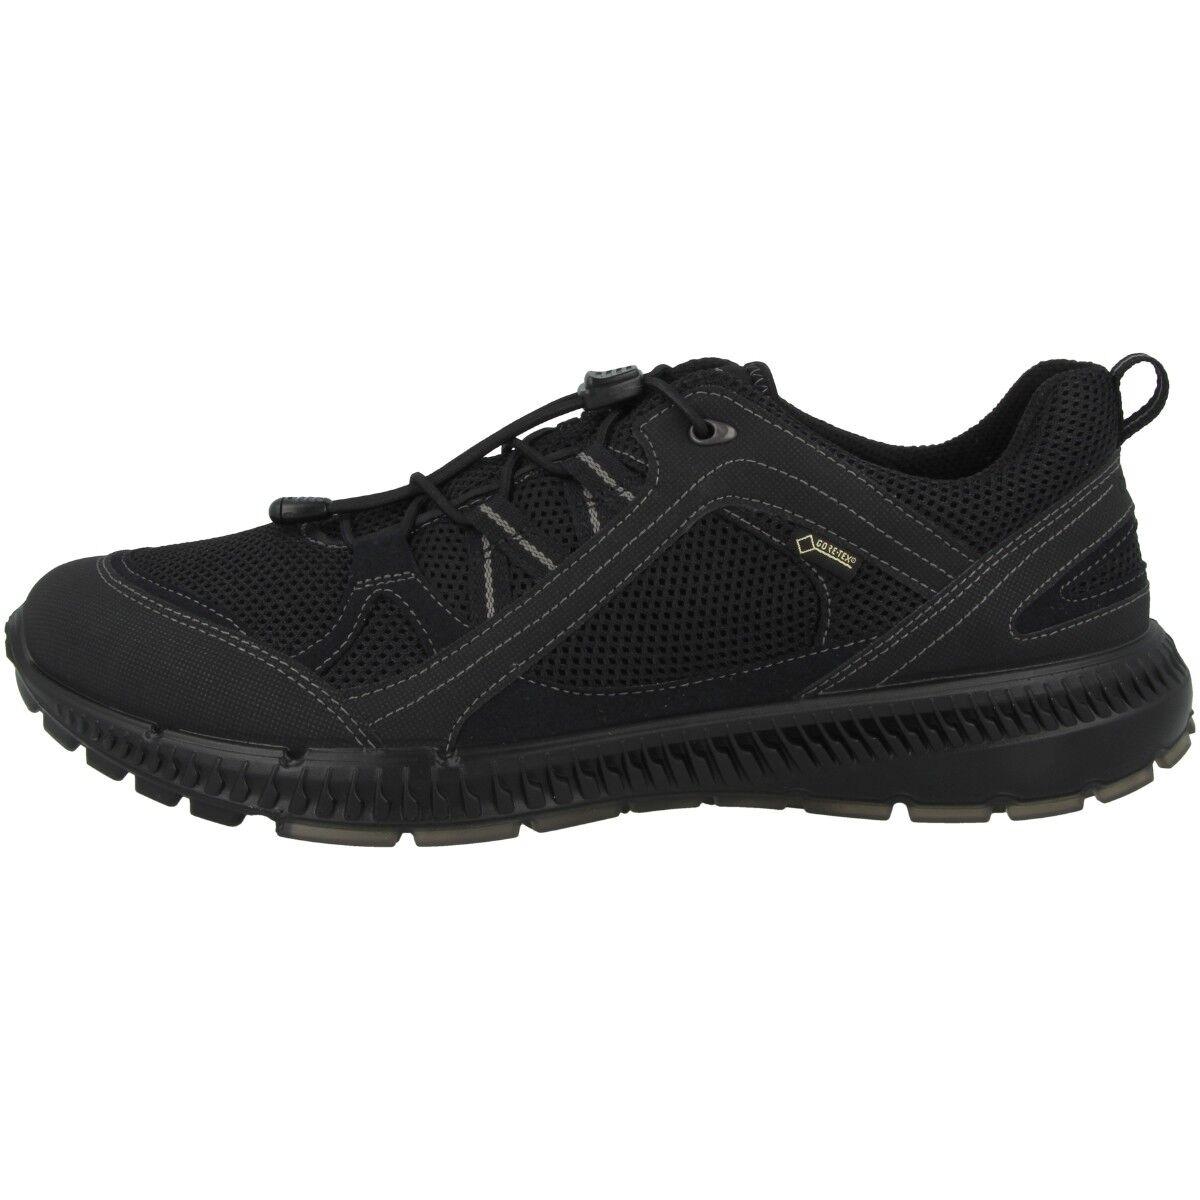 Ecco terracruise II Pitkin GTX zapatos gore tex cortos señora negro 843033-52570